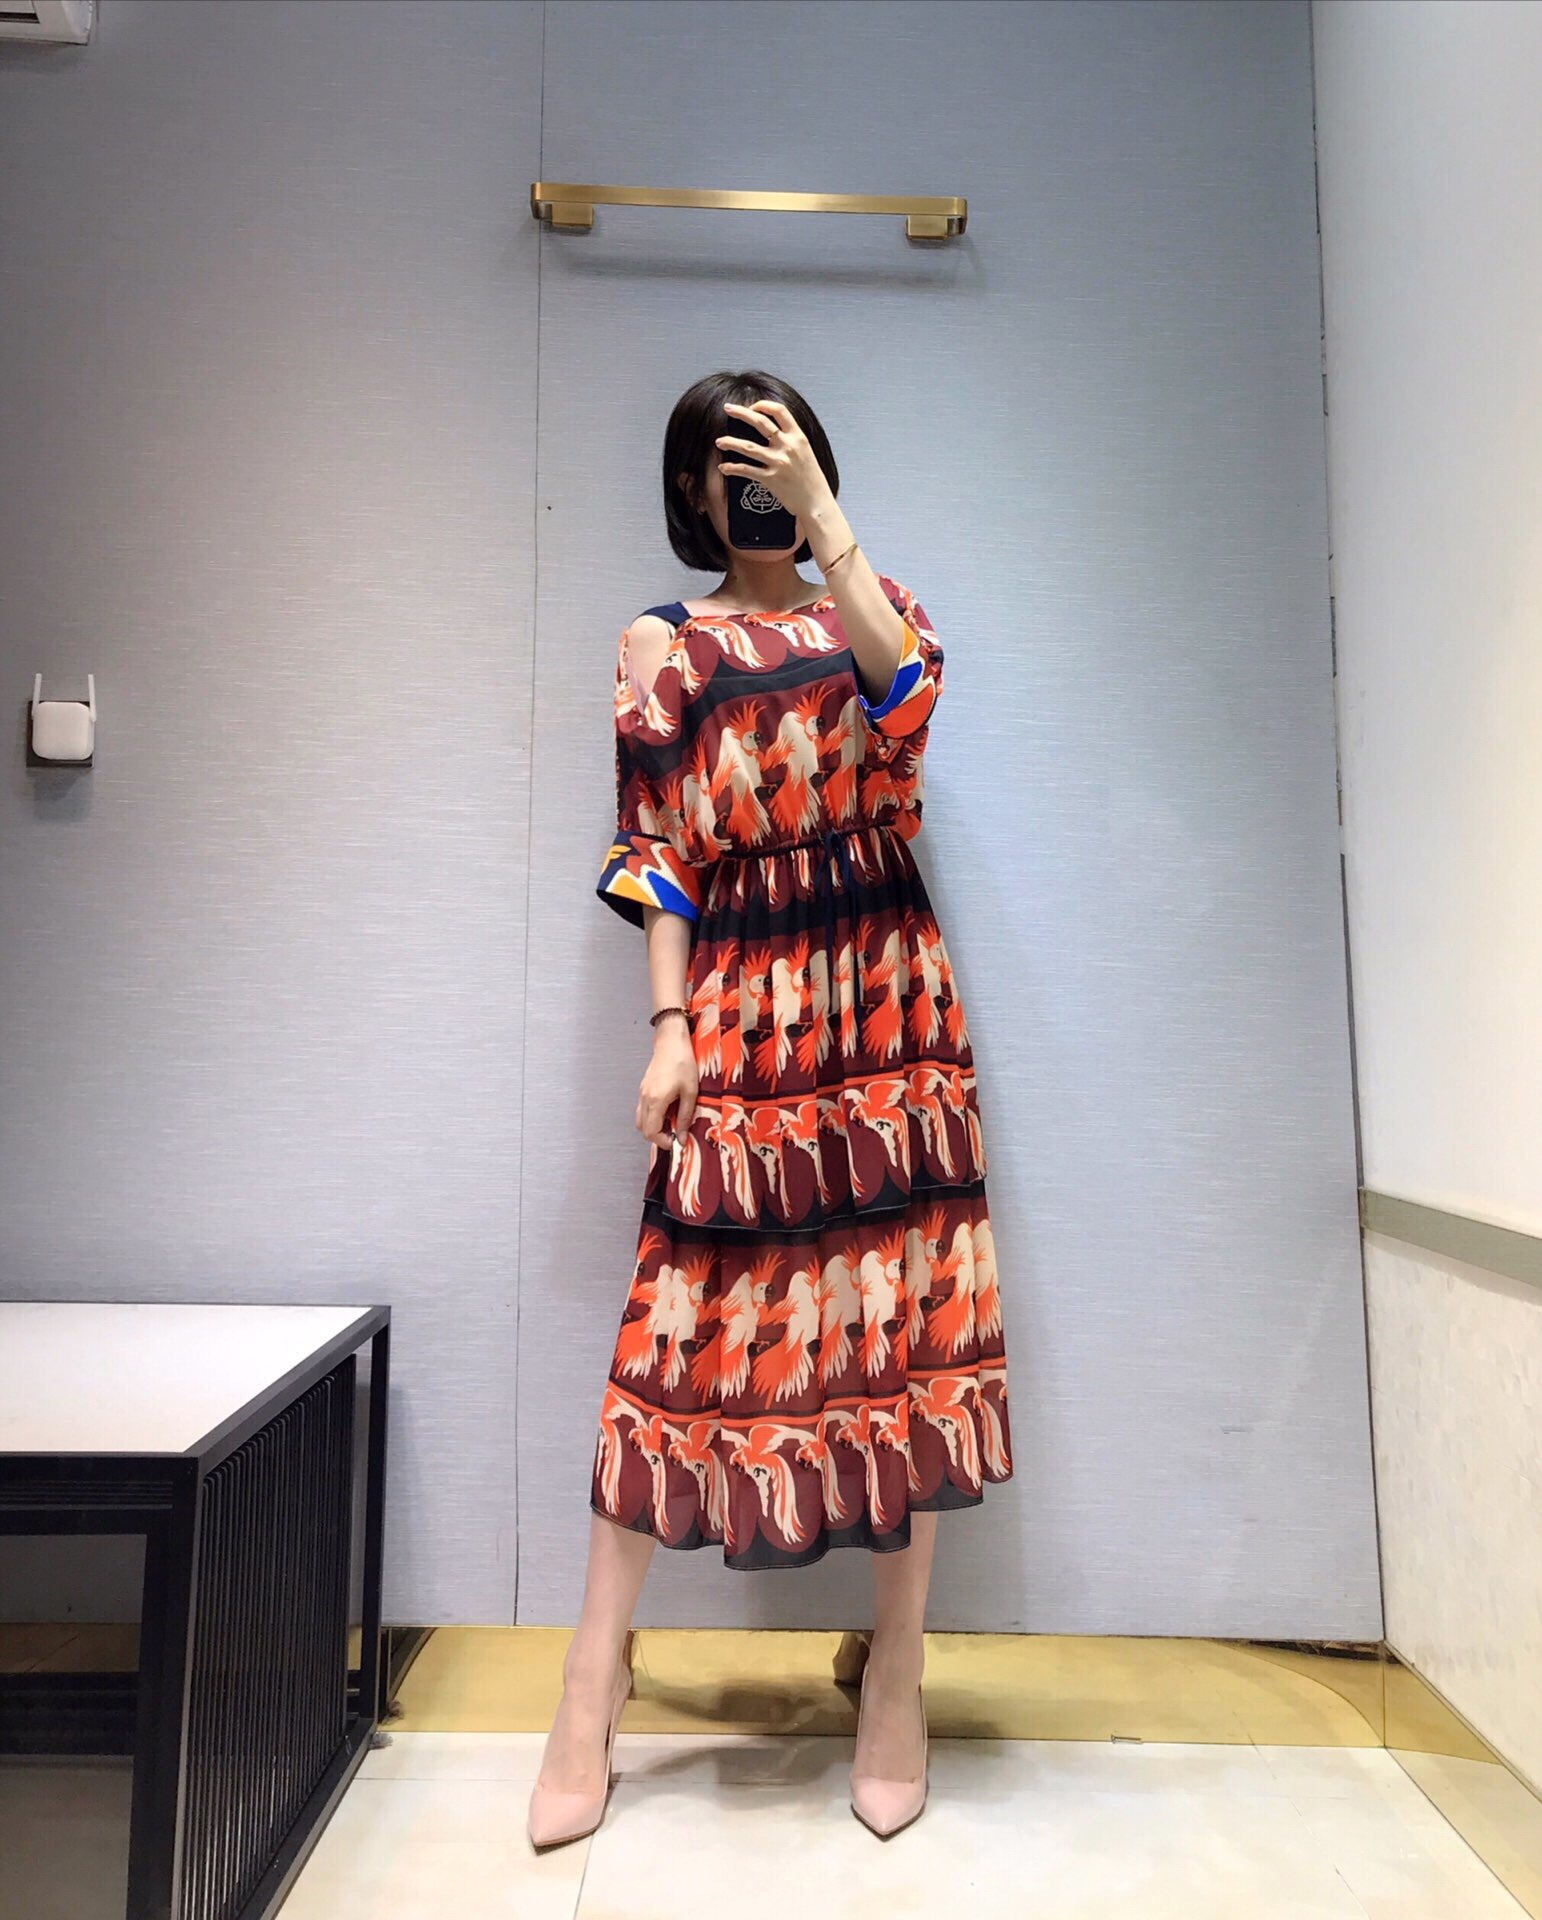 2019 새로운 인쇄 오프 어깨 핸드 메이드 비즈 여성을위한 럭셔리 드레스 freeshipping-에서드레스부터 여성 의류 의  그룹 1